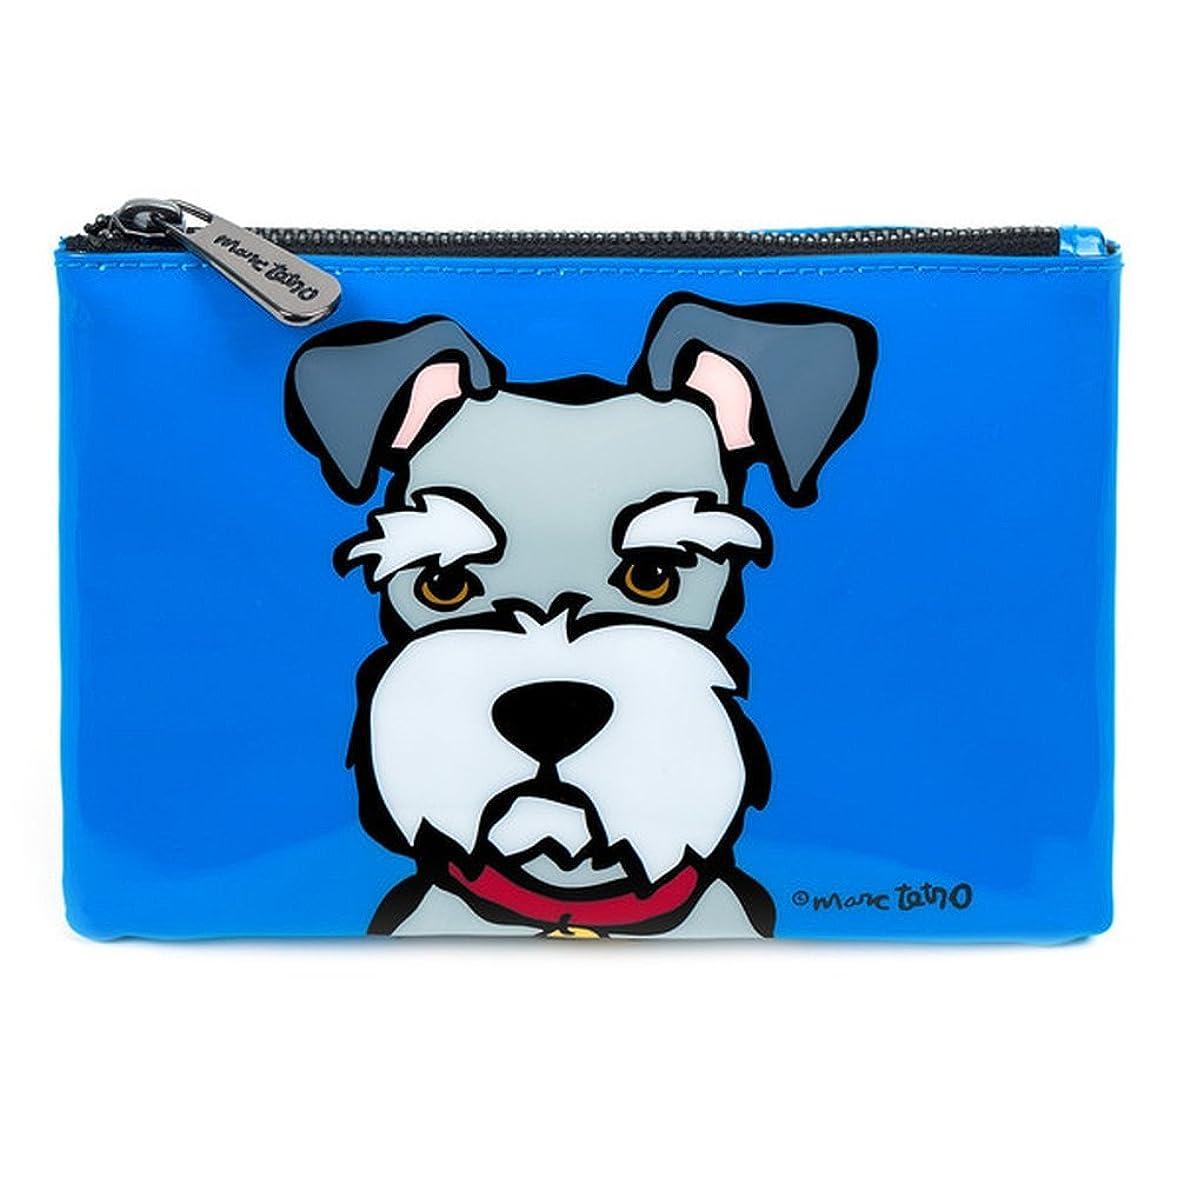 疑問に思う交じる磁石シュナウザー コスメバッグ 防水PVC ファスナー式 化粧ポーチ 小物入れ 13.5cm x 19cm 犬デザイン ミニバッグ Cosmetic Bag